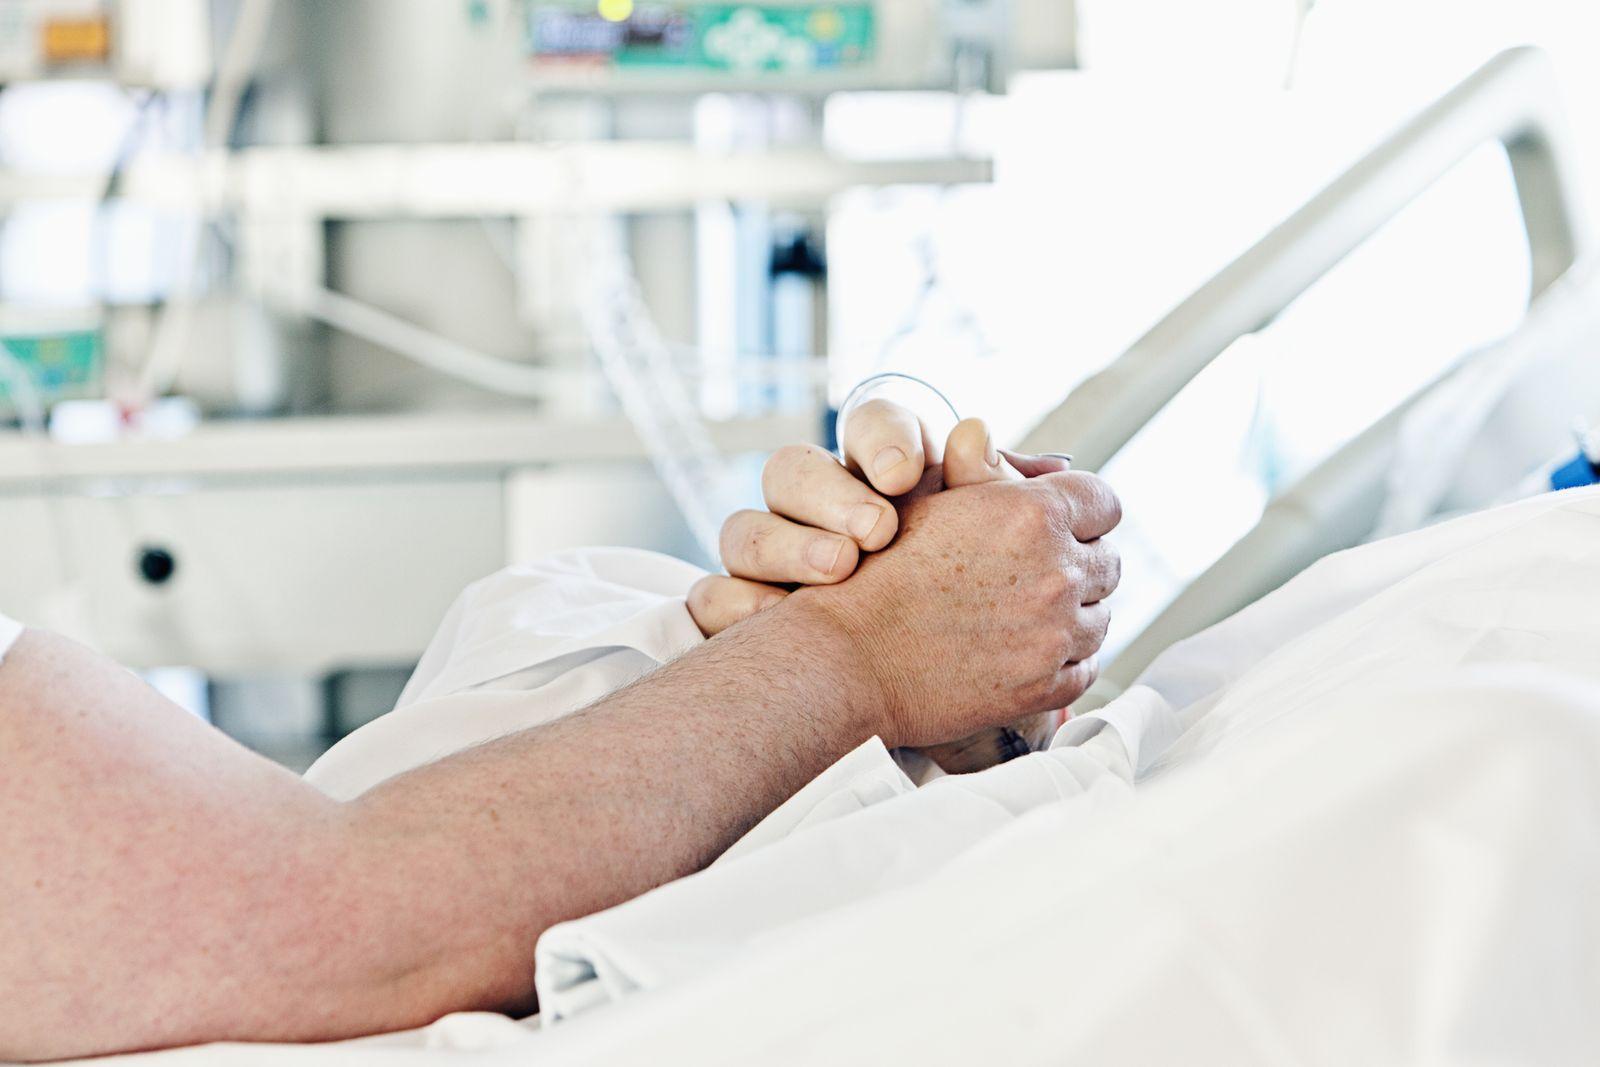 NICHT MEHR VERWENDEN! - Sterbebett/ Krankenbett